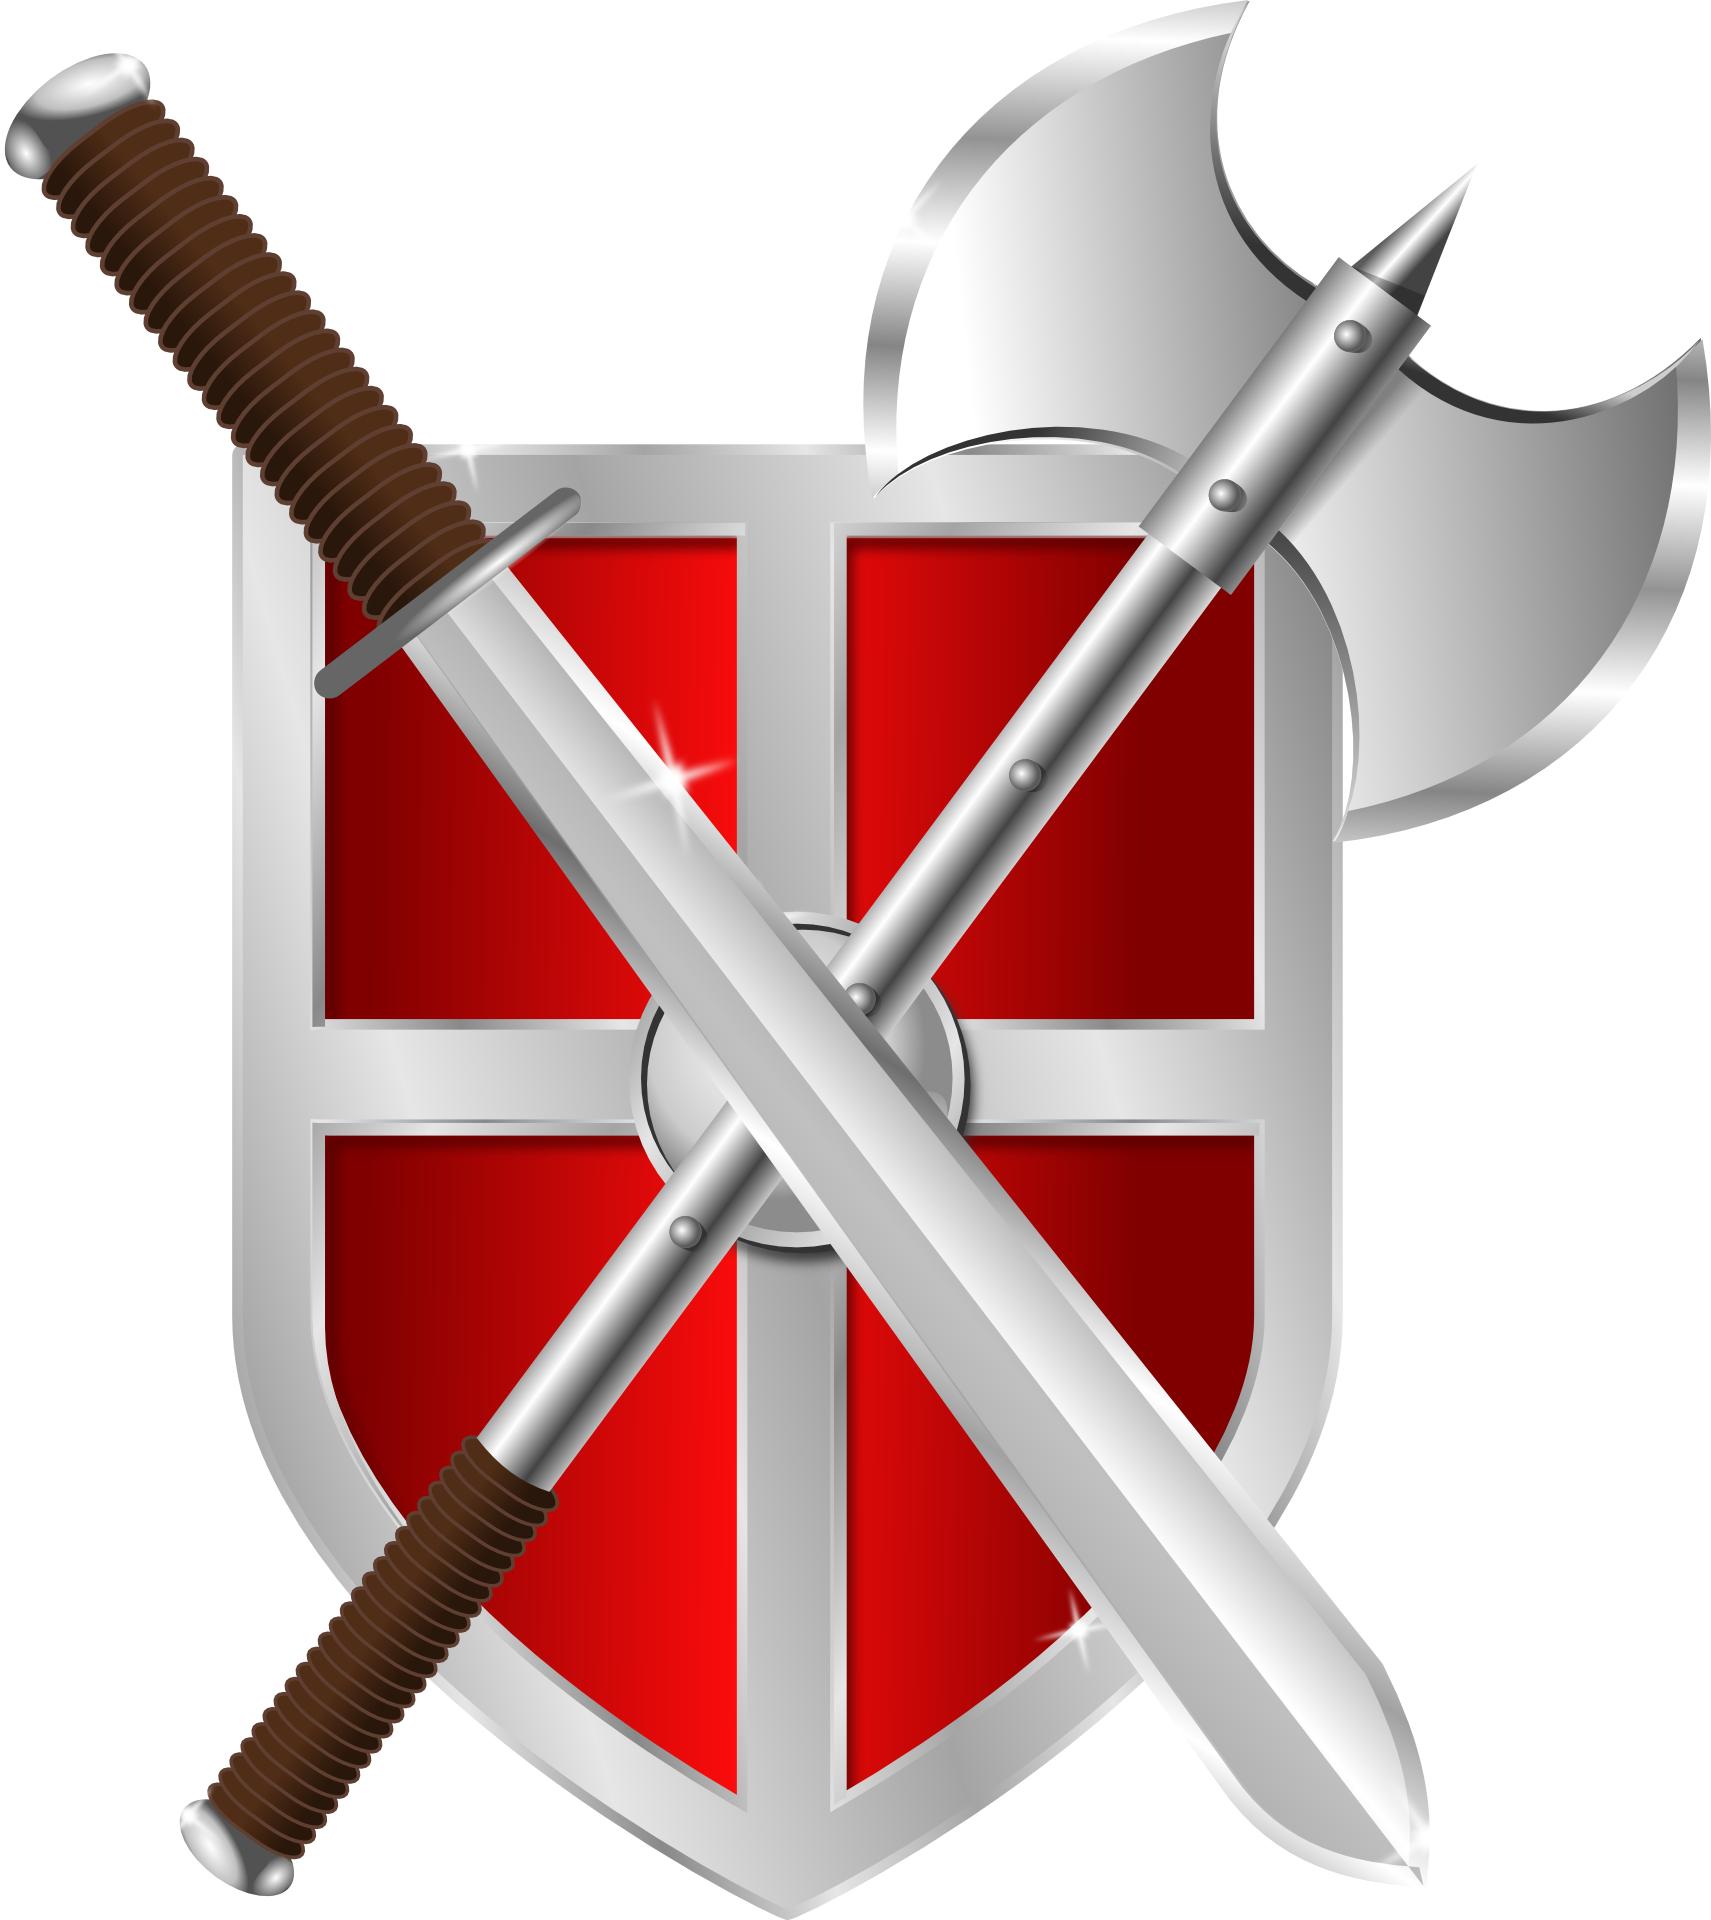 cartoon,shield, axe,sword vector